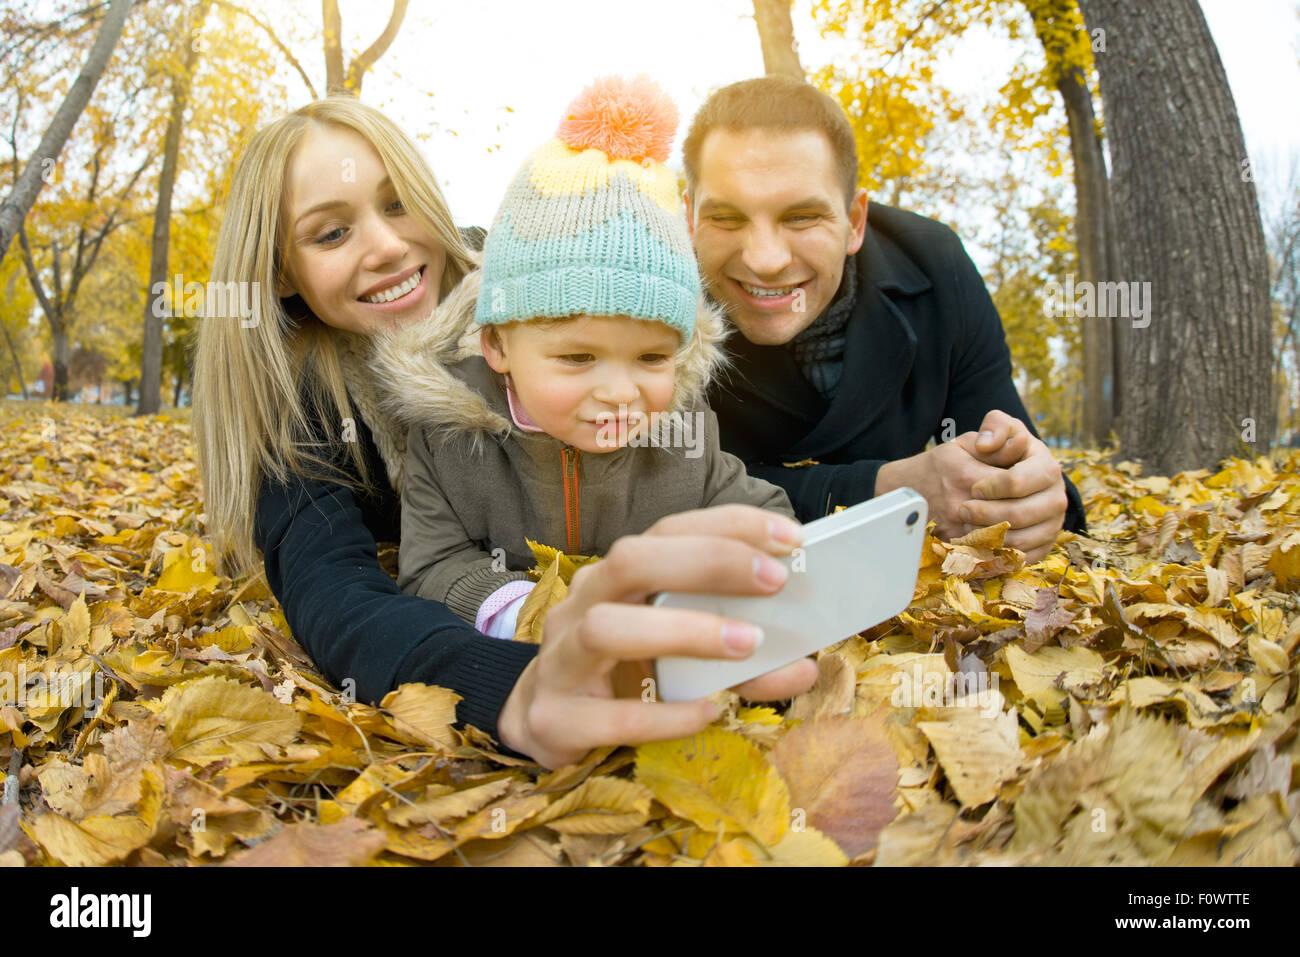 glückliche Familie mit Kleinkind nehmen Selfie am Telefon, im Herbst Park Ausflug Stockbild